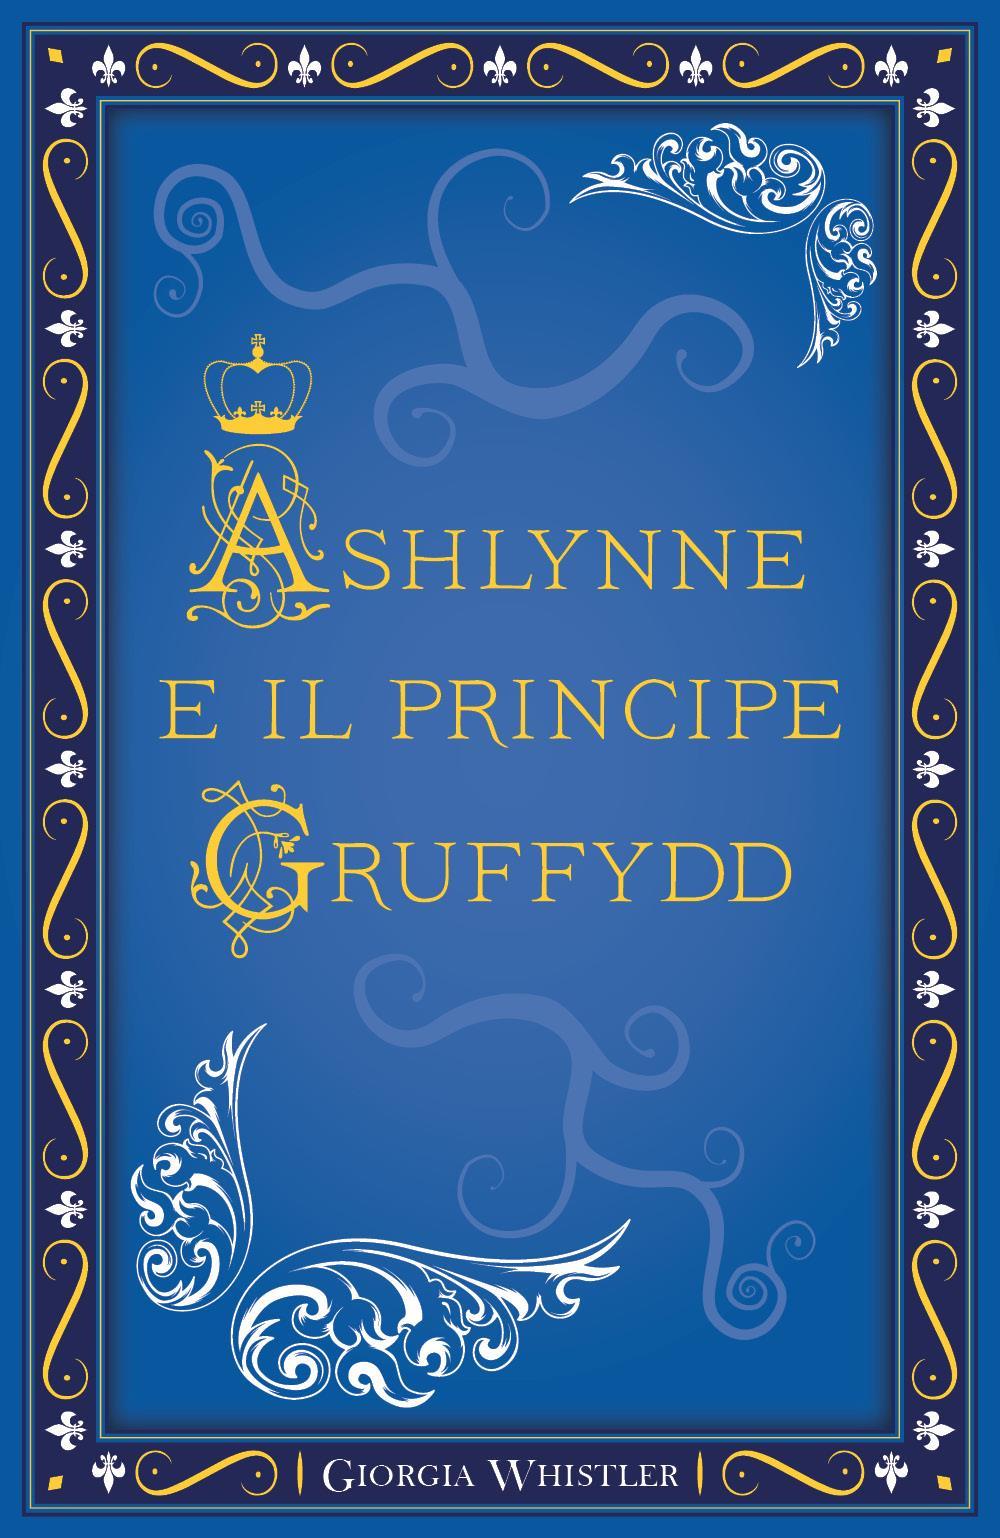 Ashlynne e il principe Gruffydd